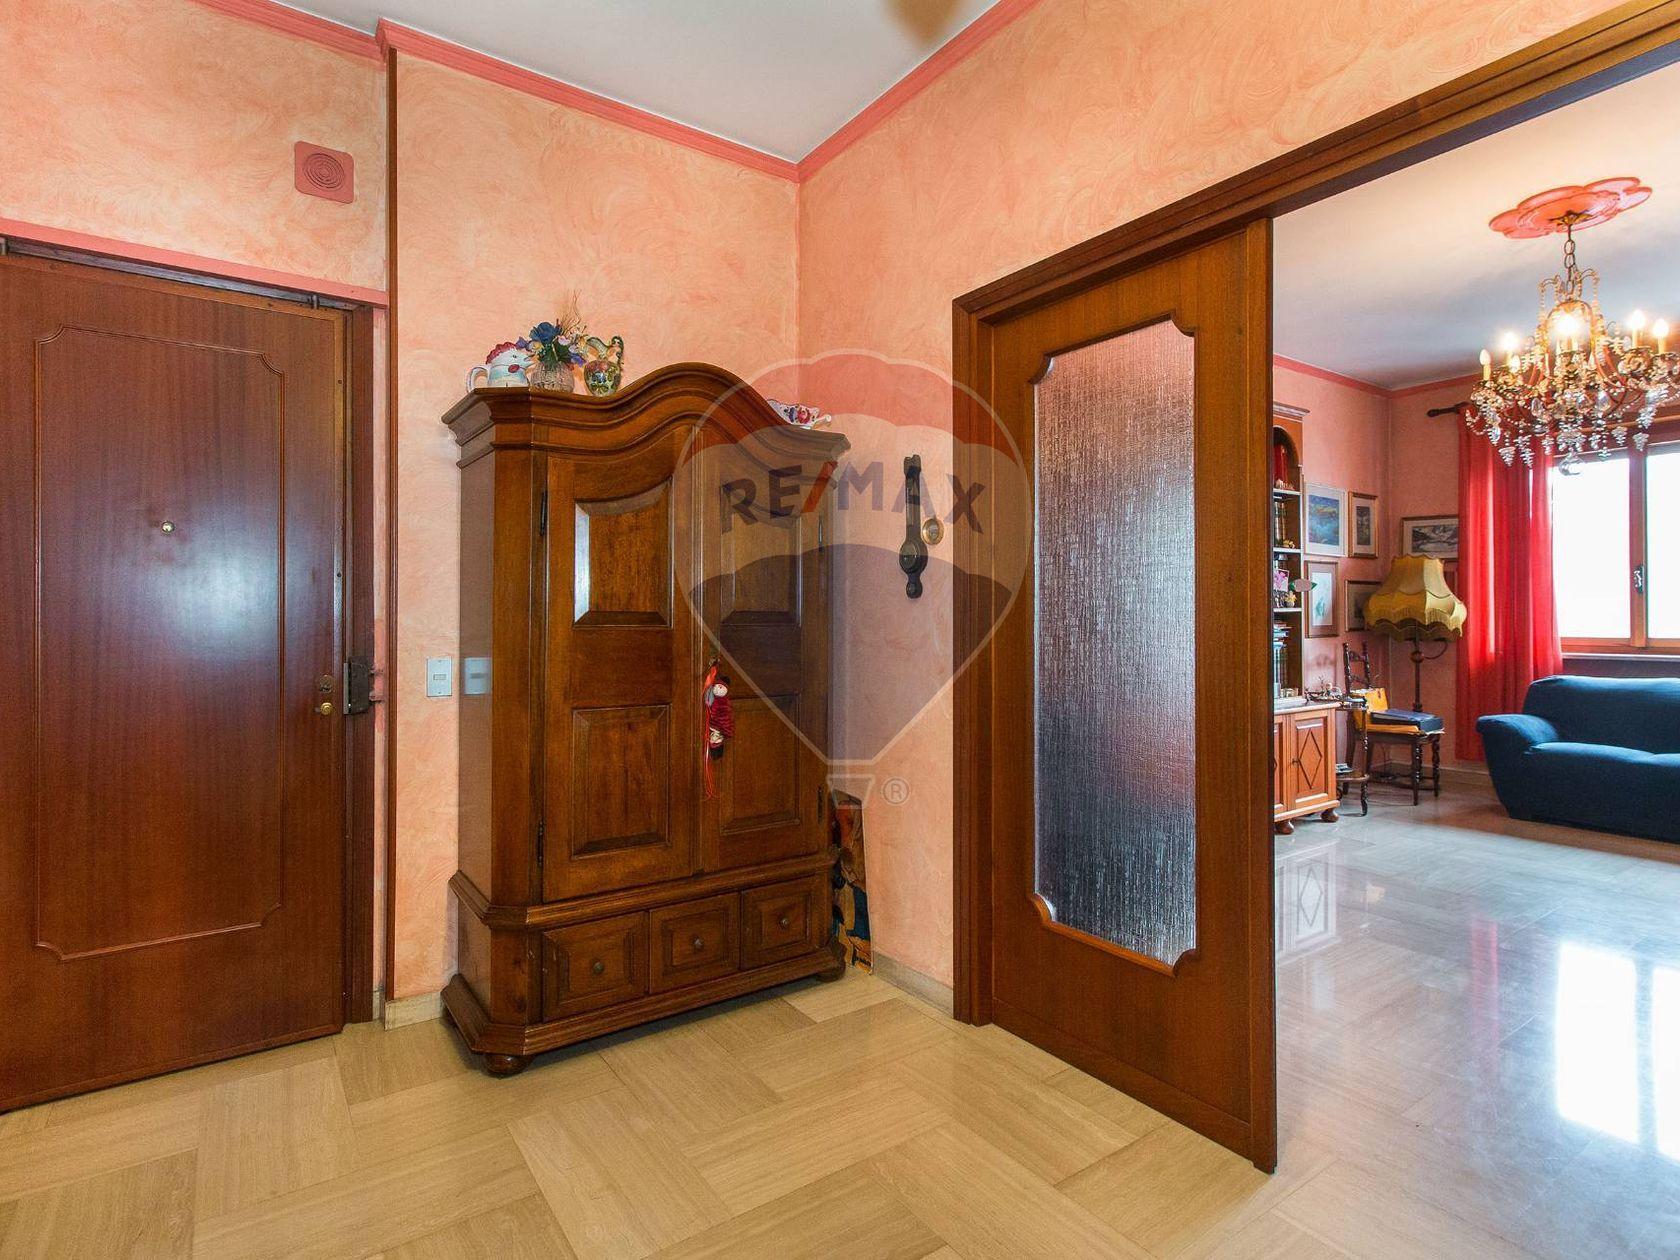 Appartamento San Pietro, Moncalieri, TO Vendita - Foto 8